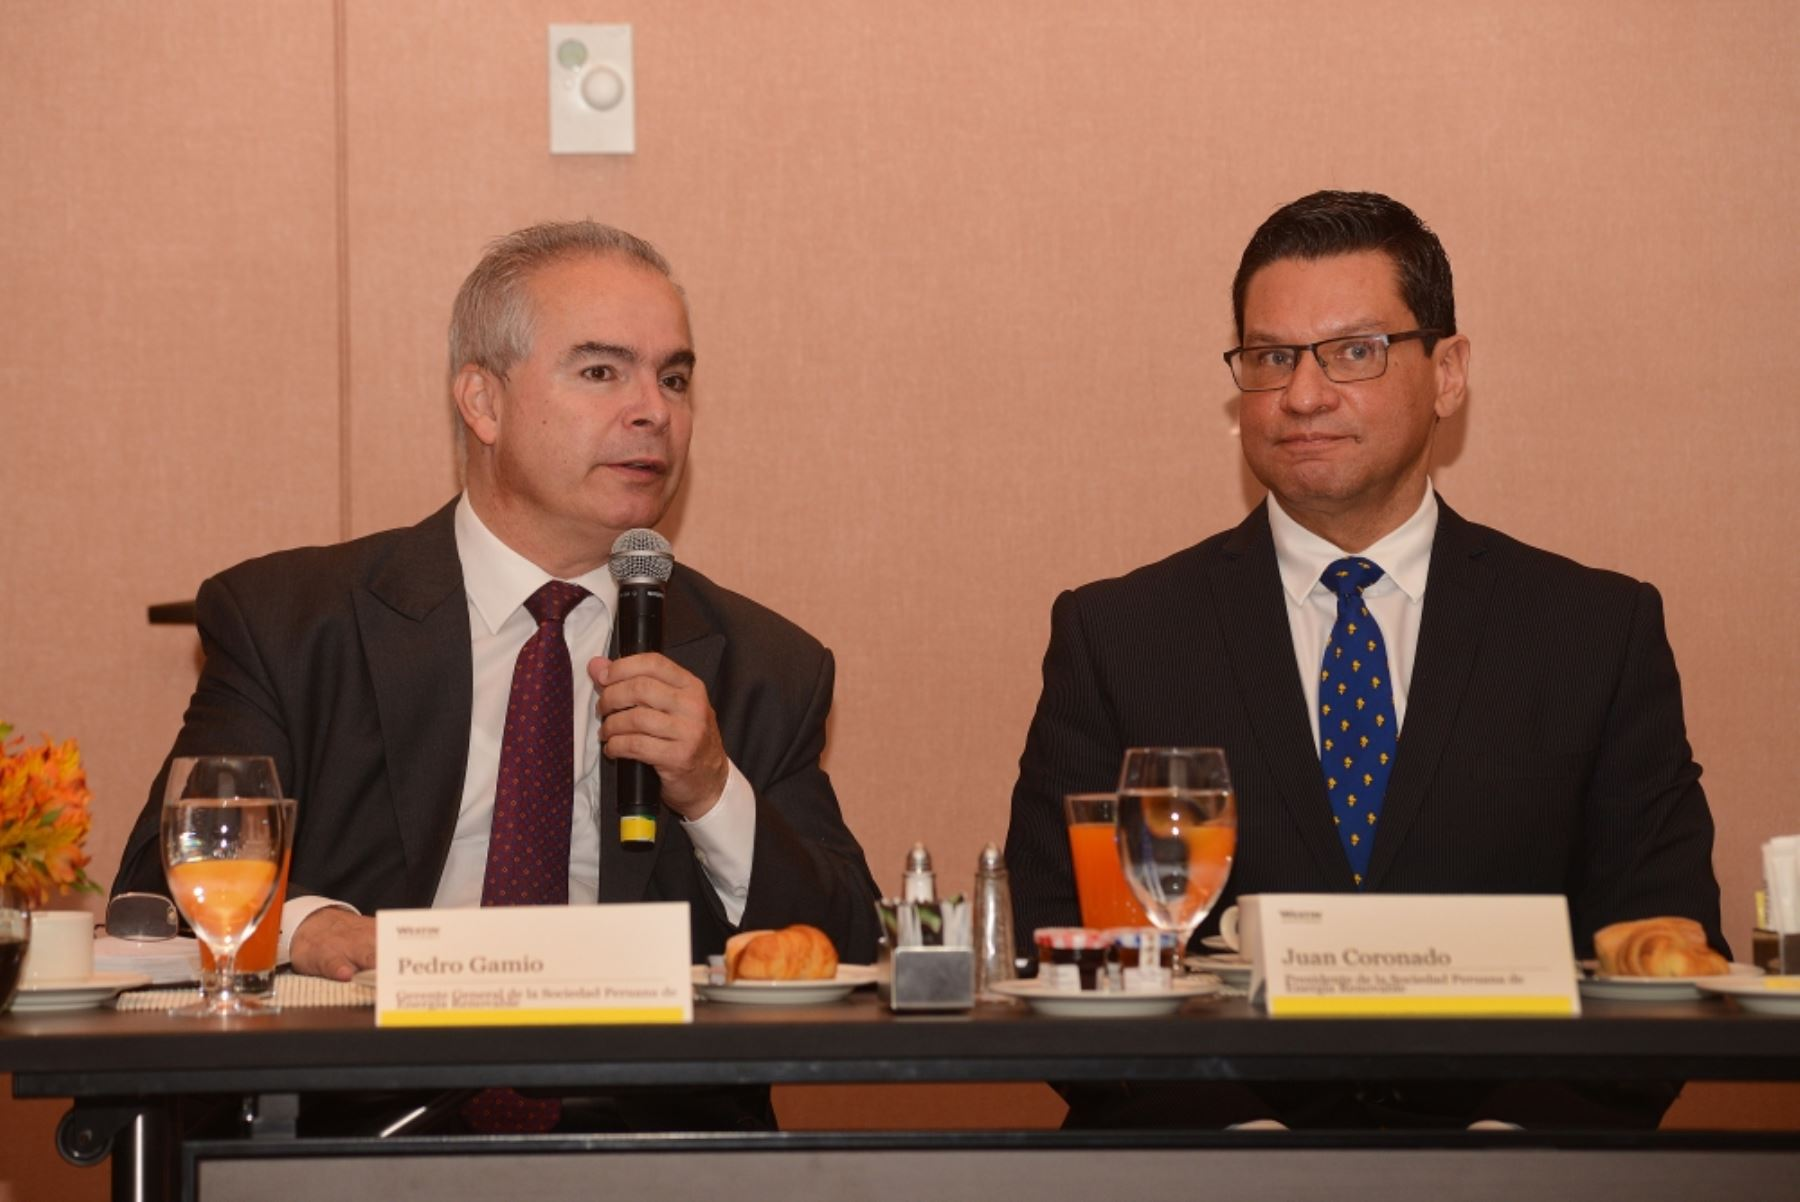 Pedro Gamio y Juan Coronado de la Sociedad Peruana de Energías Renovables (SPR). Foto: Cortesía.